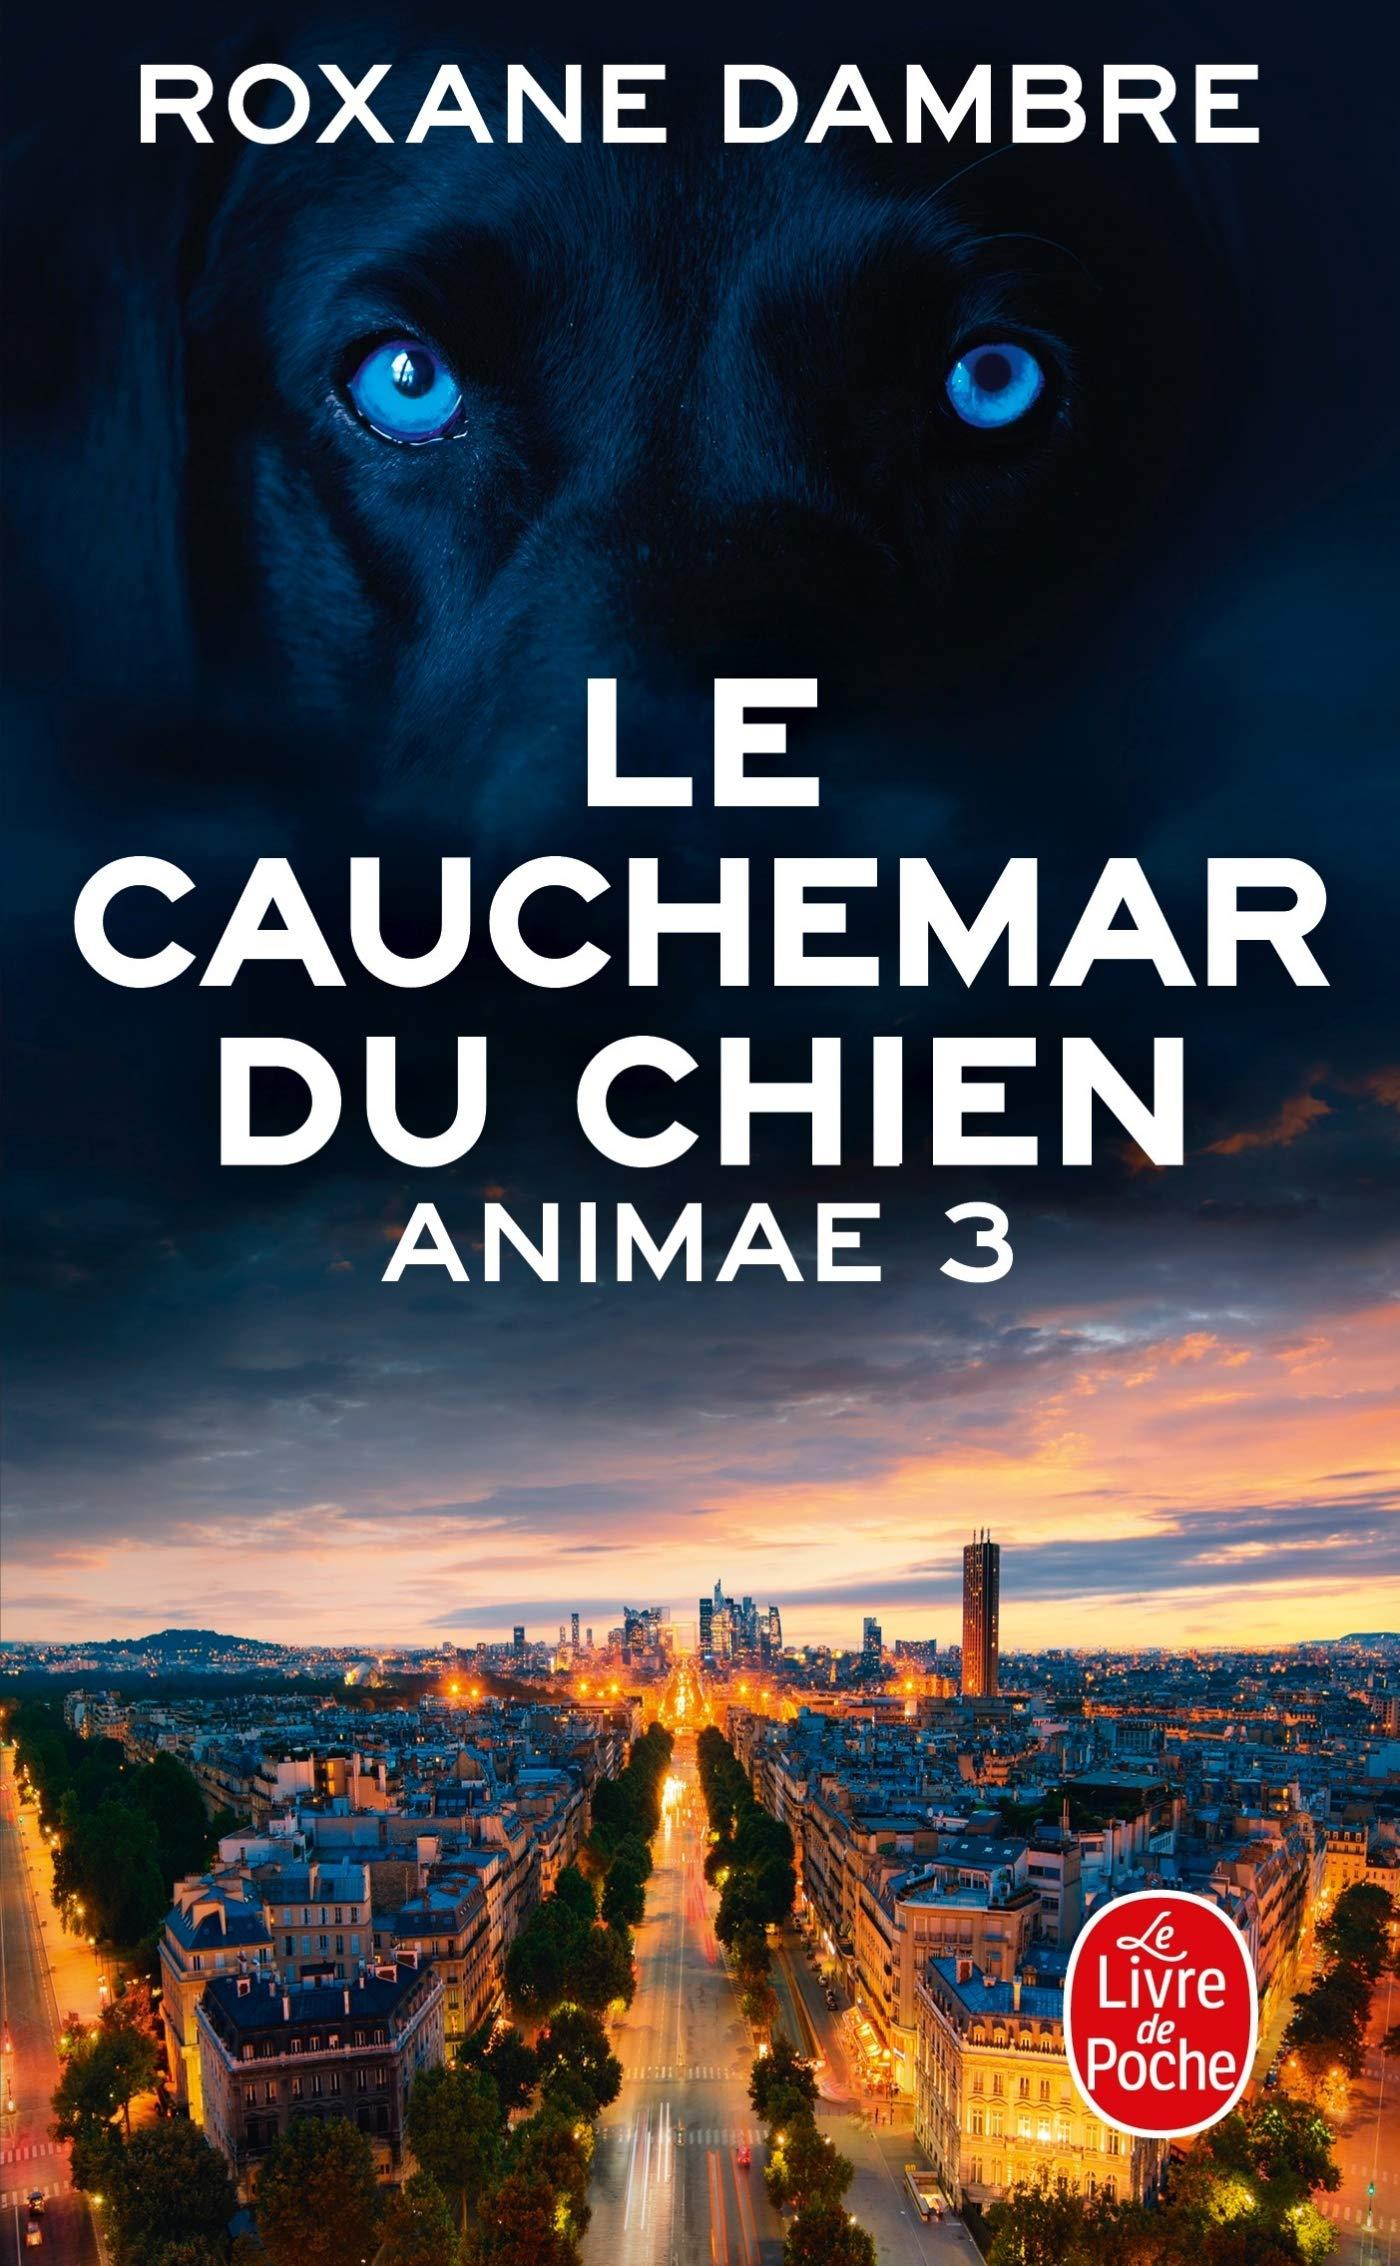 Le Cauchemar du chien (Animae, Tome 3) Poche – 13 novembre 2014 Roxane Dambre Le Livre de Poche 2253195146 Fantastique